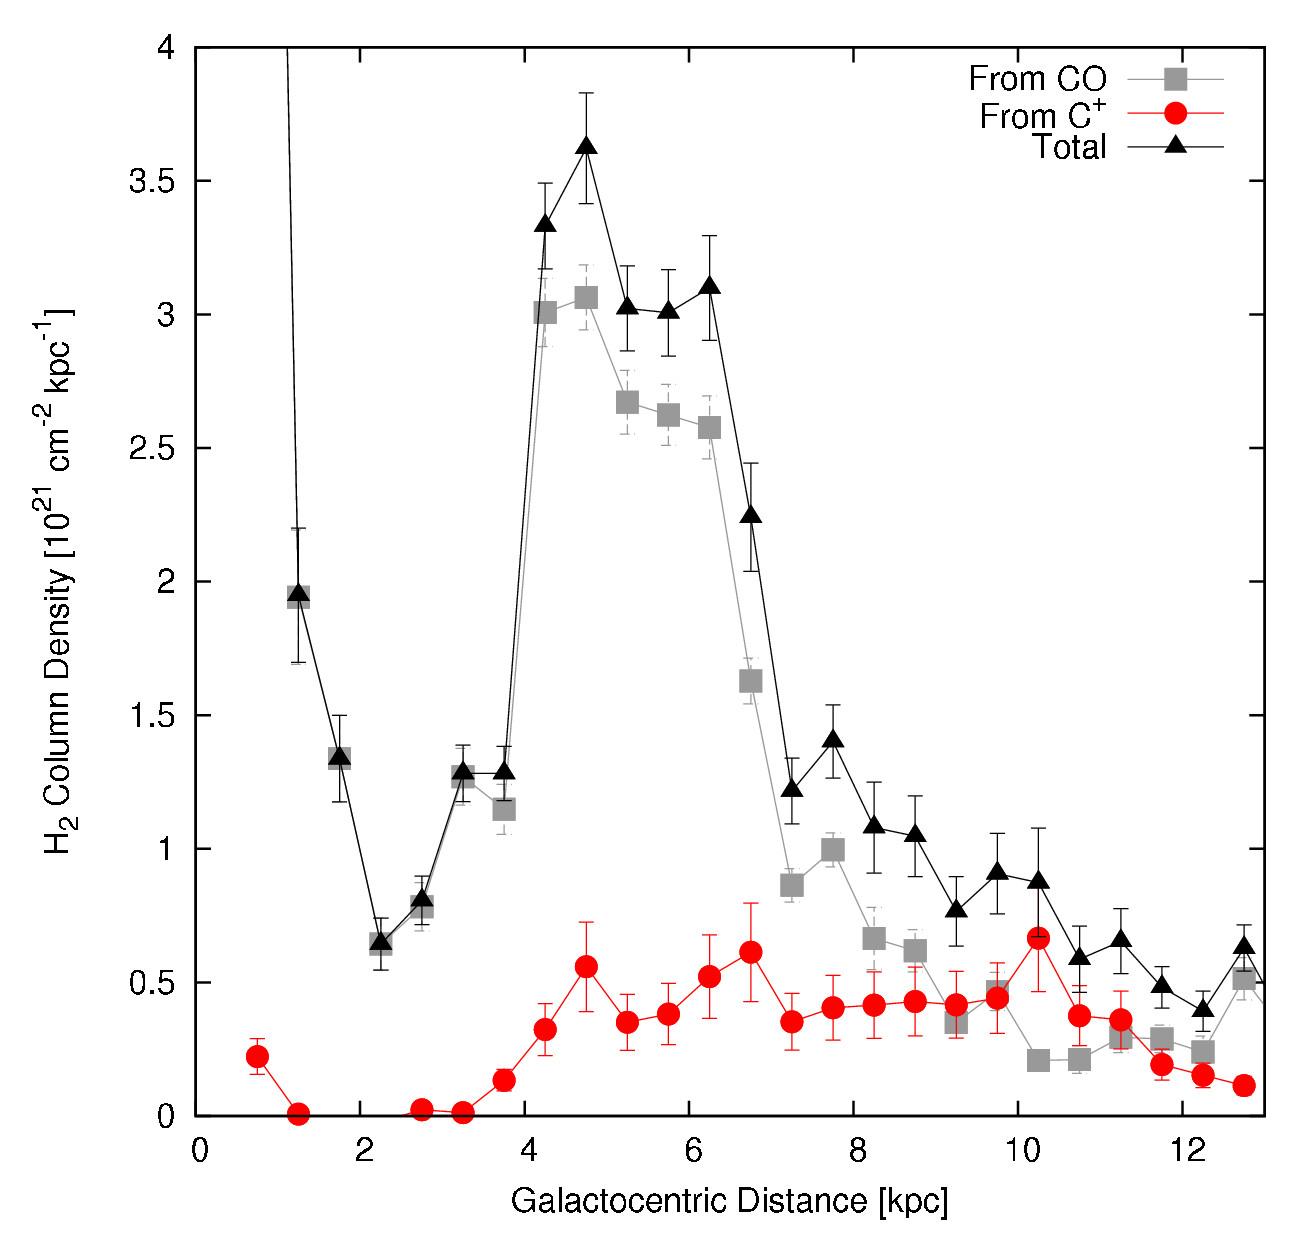 1567217139780-Herschel_CO-dark_H2_plot.jpg